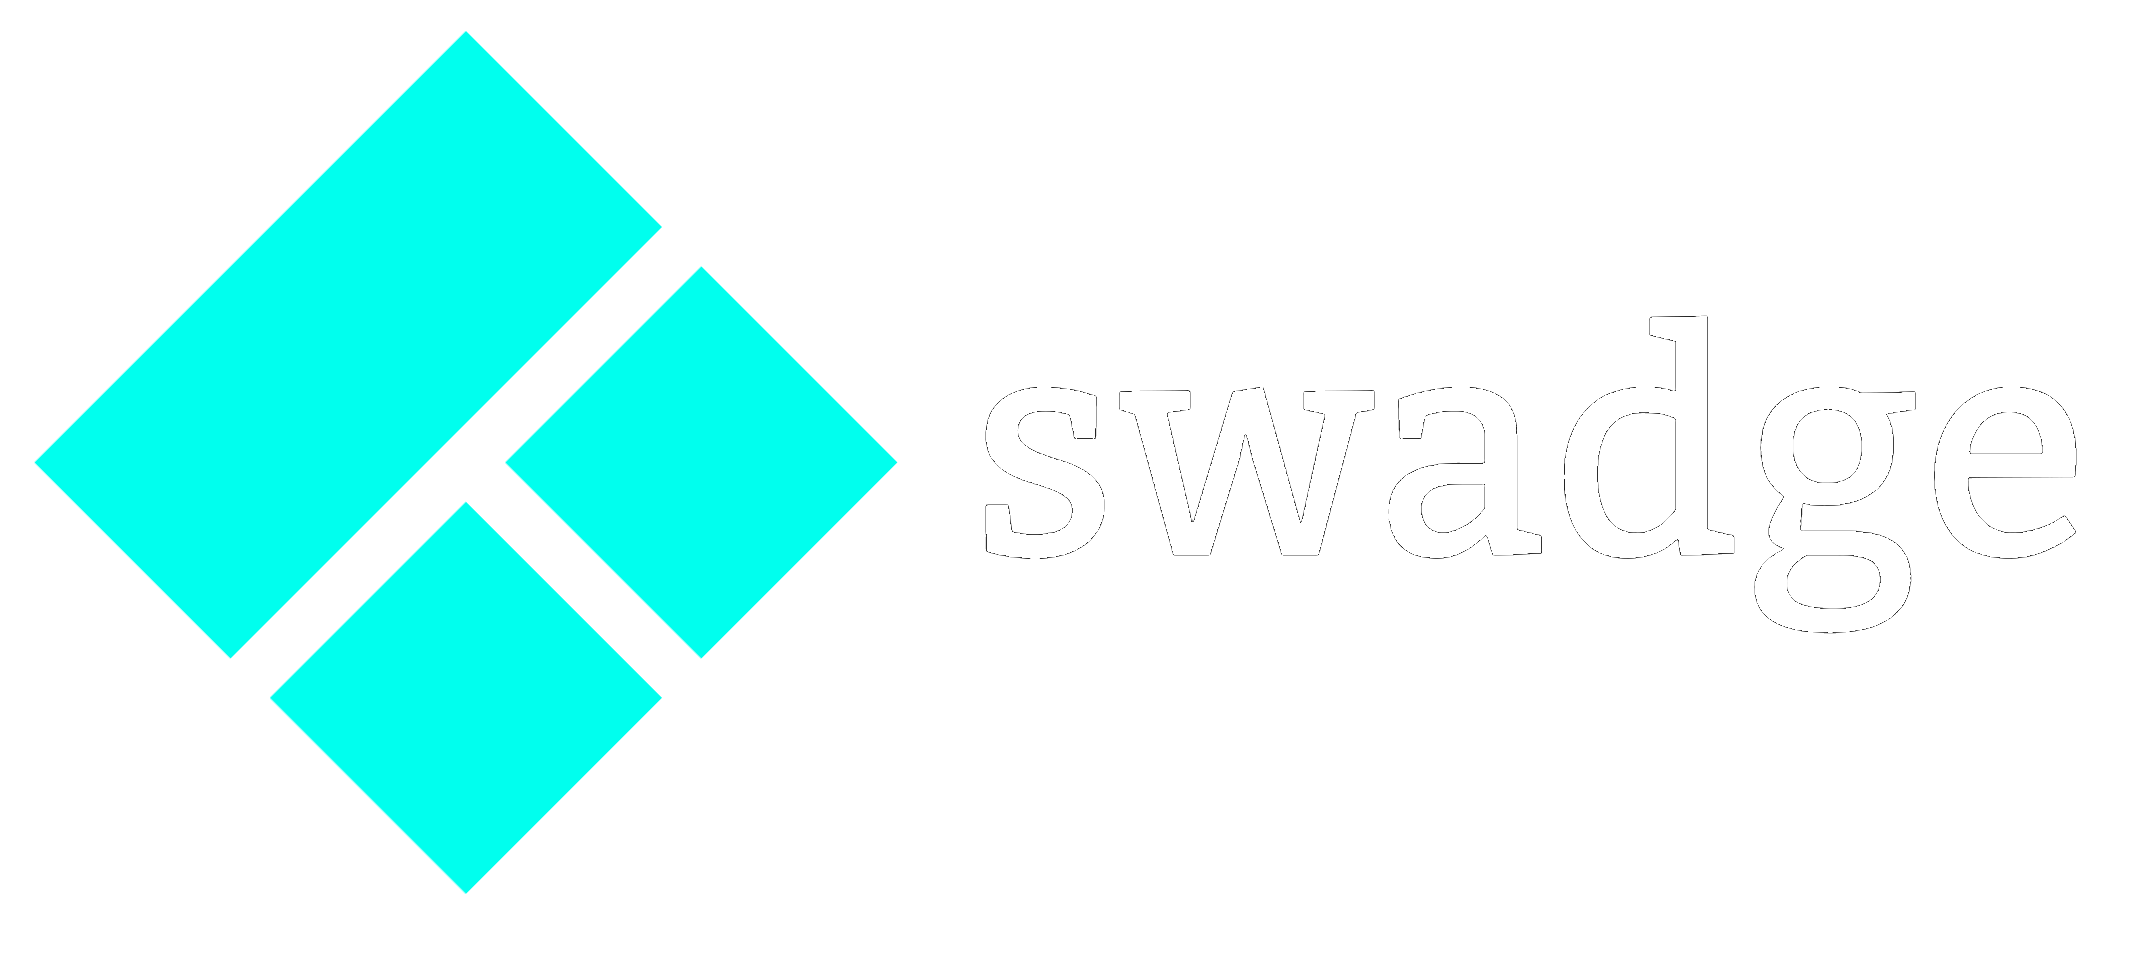 Swadge